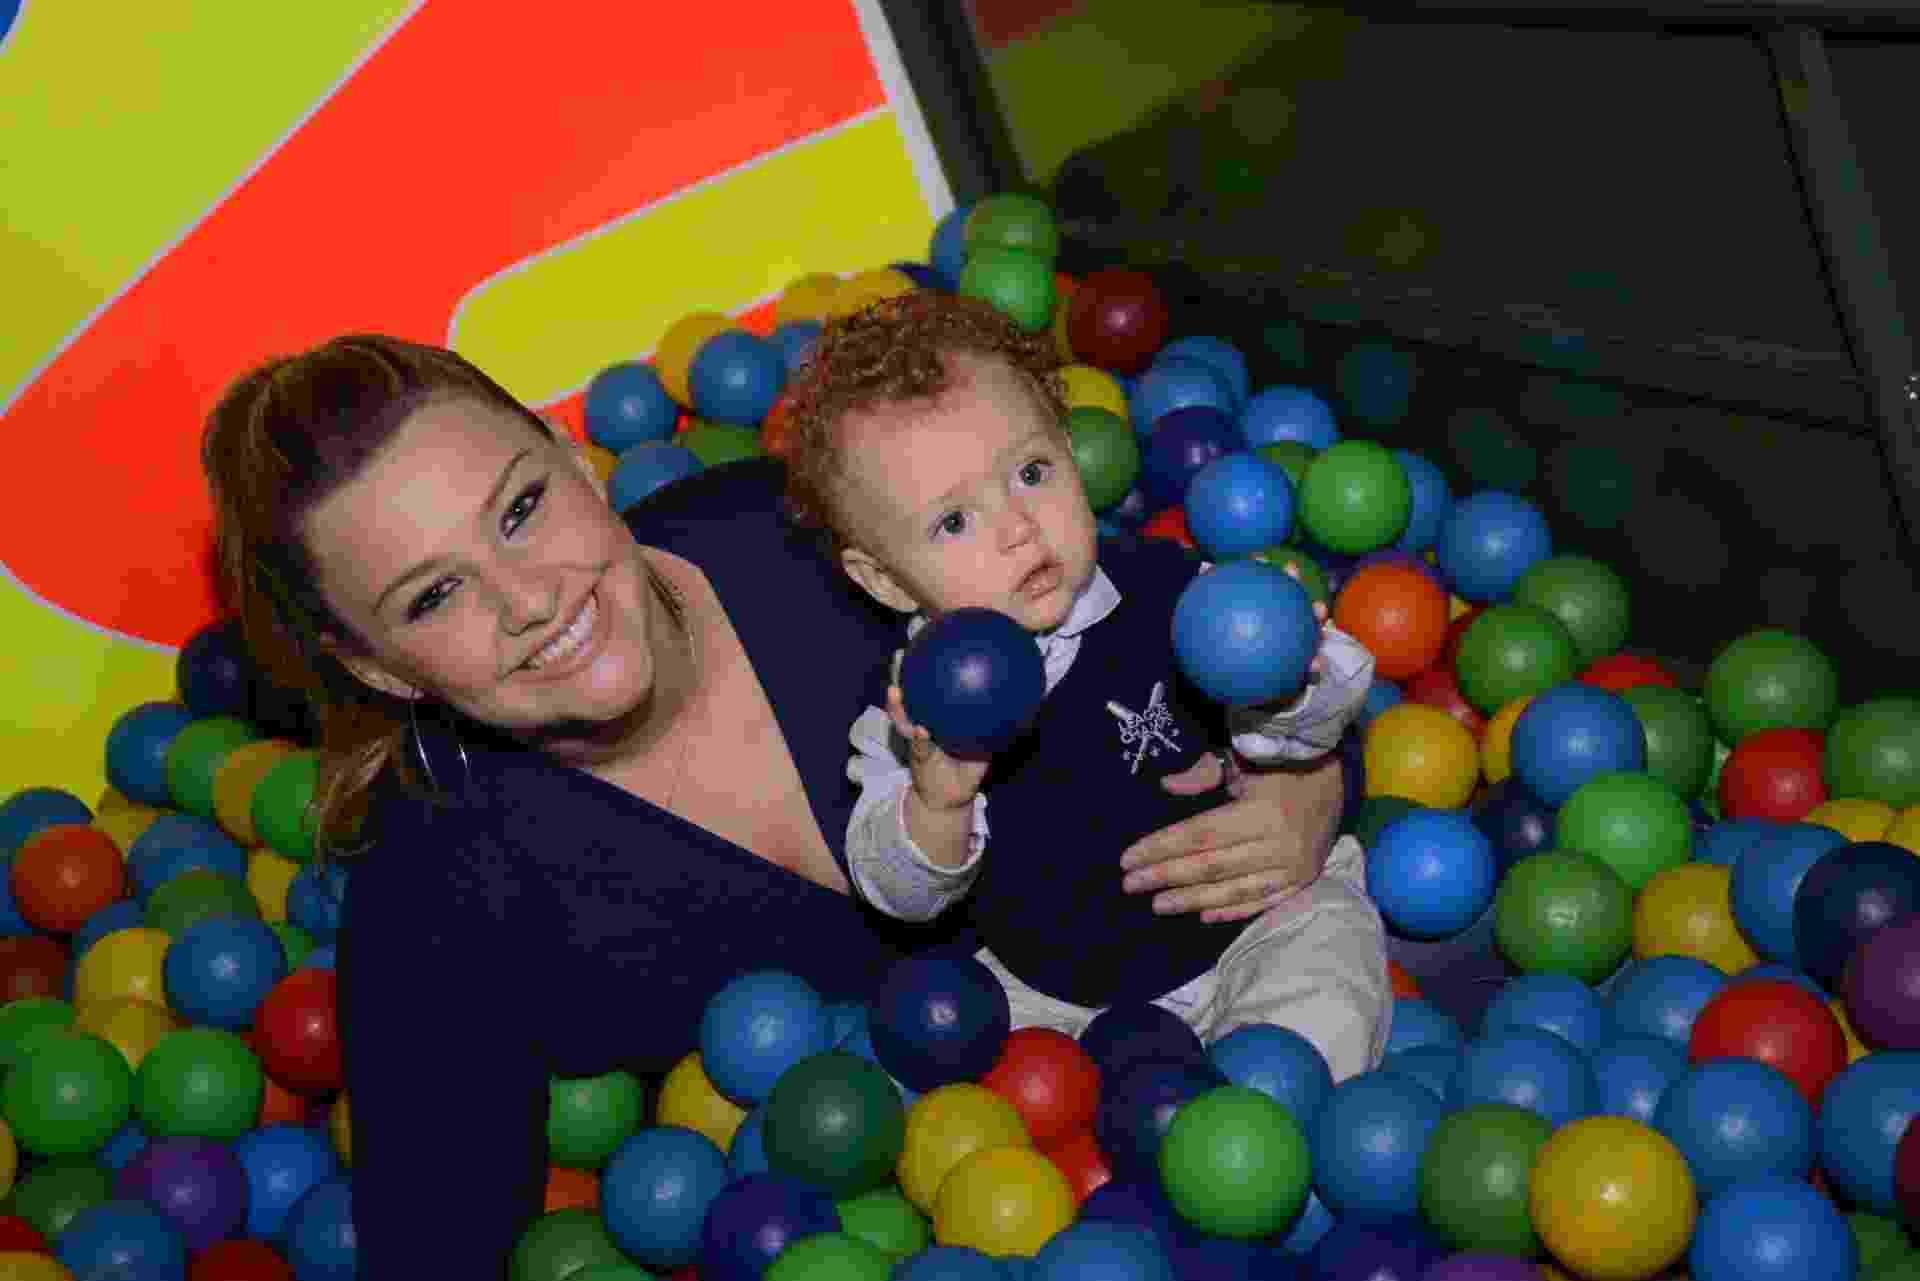 álbum mães falam sobre pressão para serem perfeitas | Suellen Pontes Pinheiro de Toledo, 29, jornalista, mãe de Kaique, 1 - Arquivo Pessoal